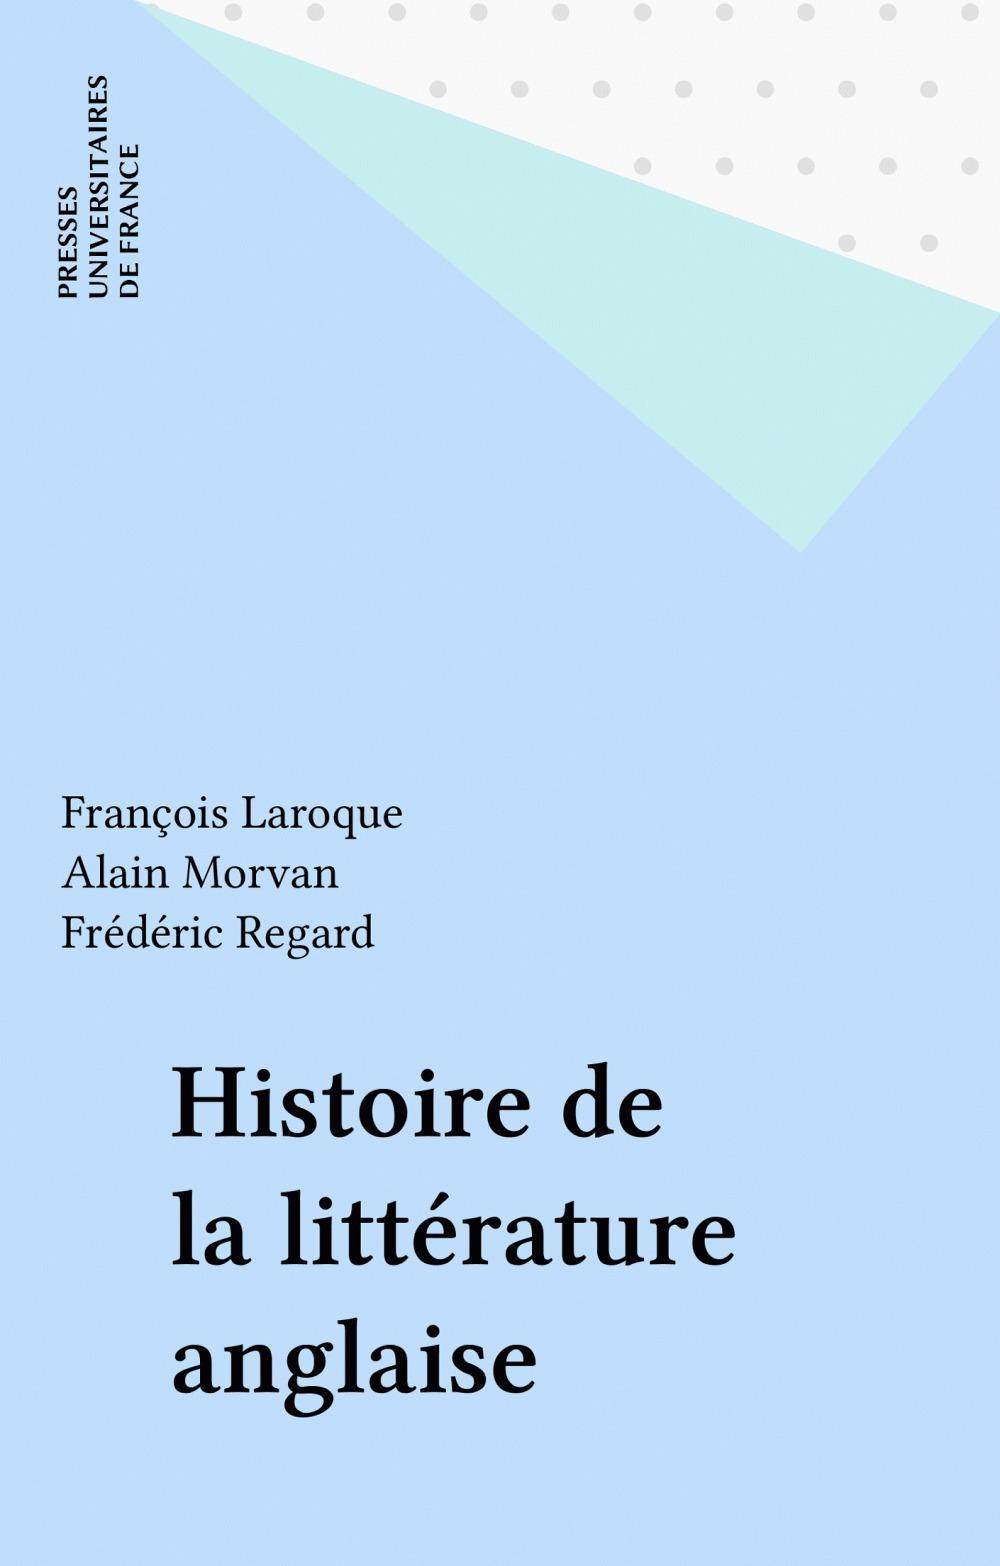 Histoire de la littérature anglaise